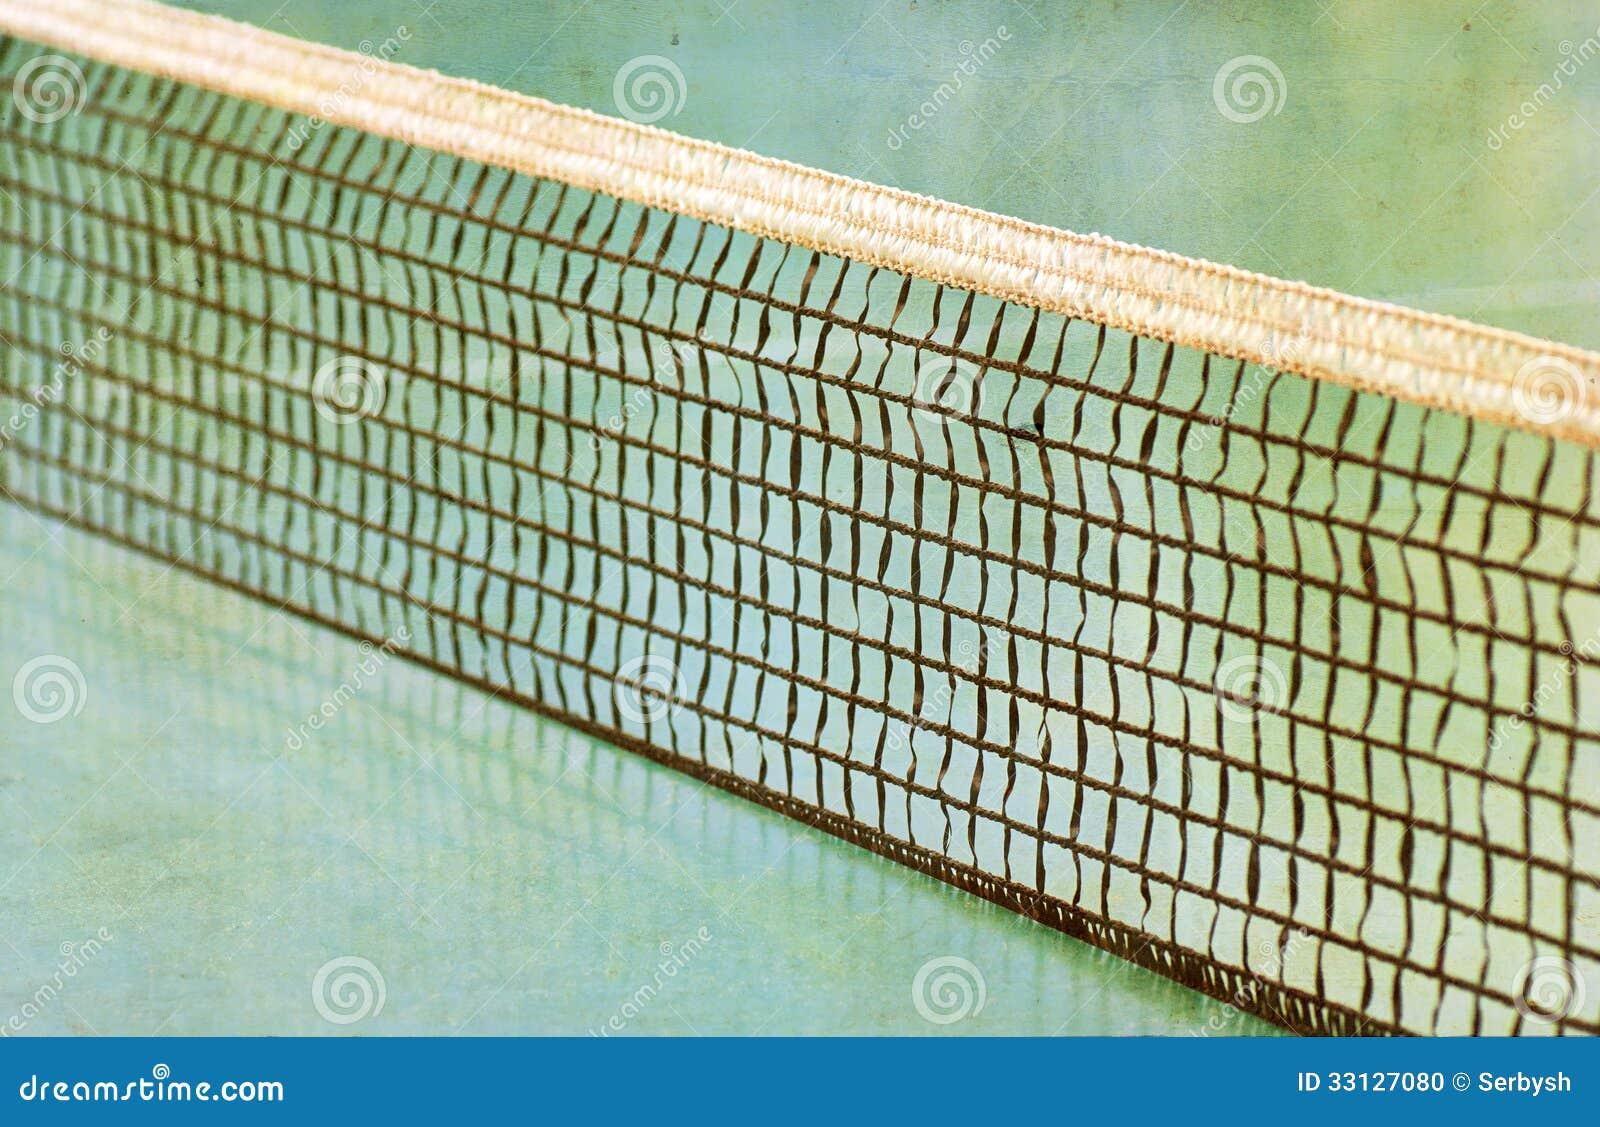 champ de tennis et un filet de tennis photo stock image. Black Bedroom Furniture Sets. Home Design Ideas